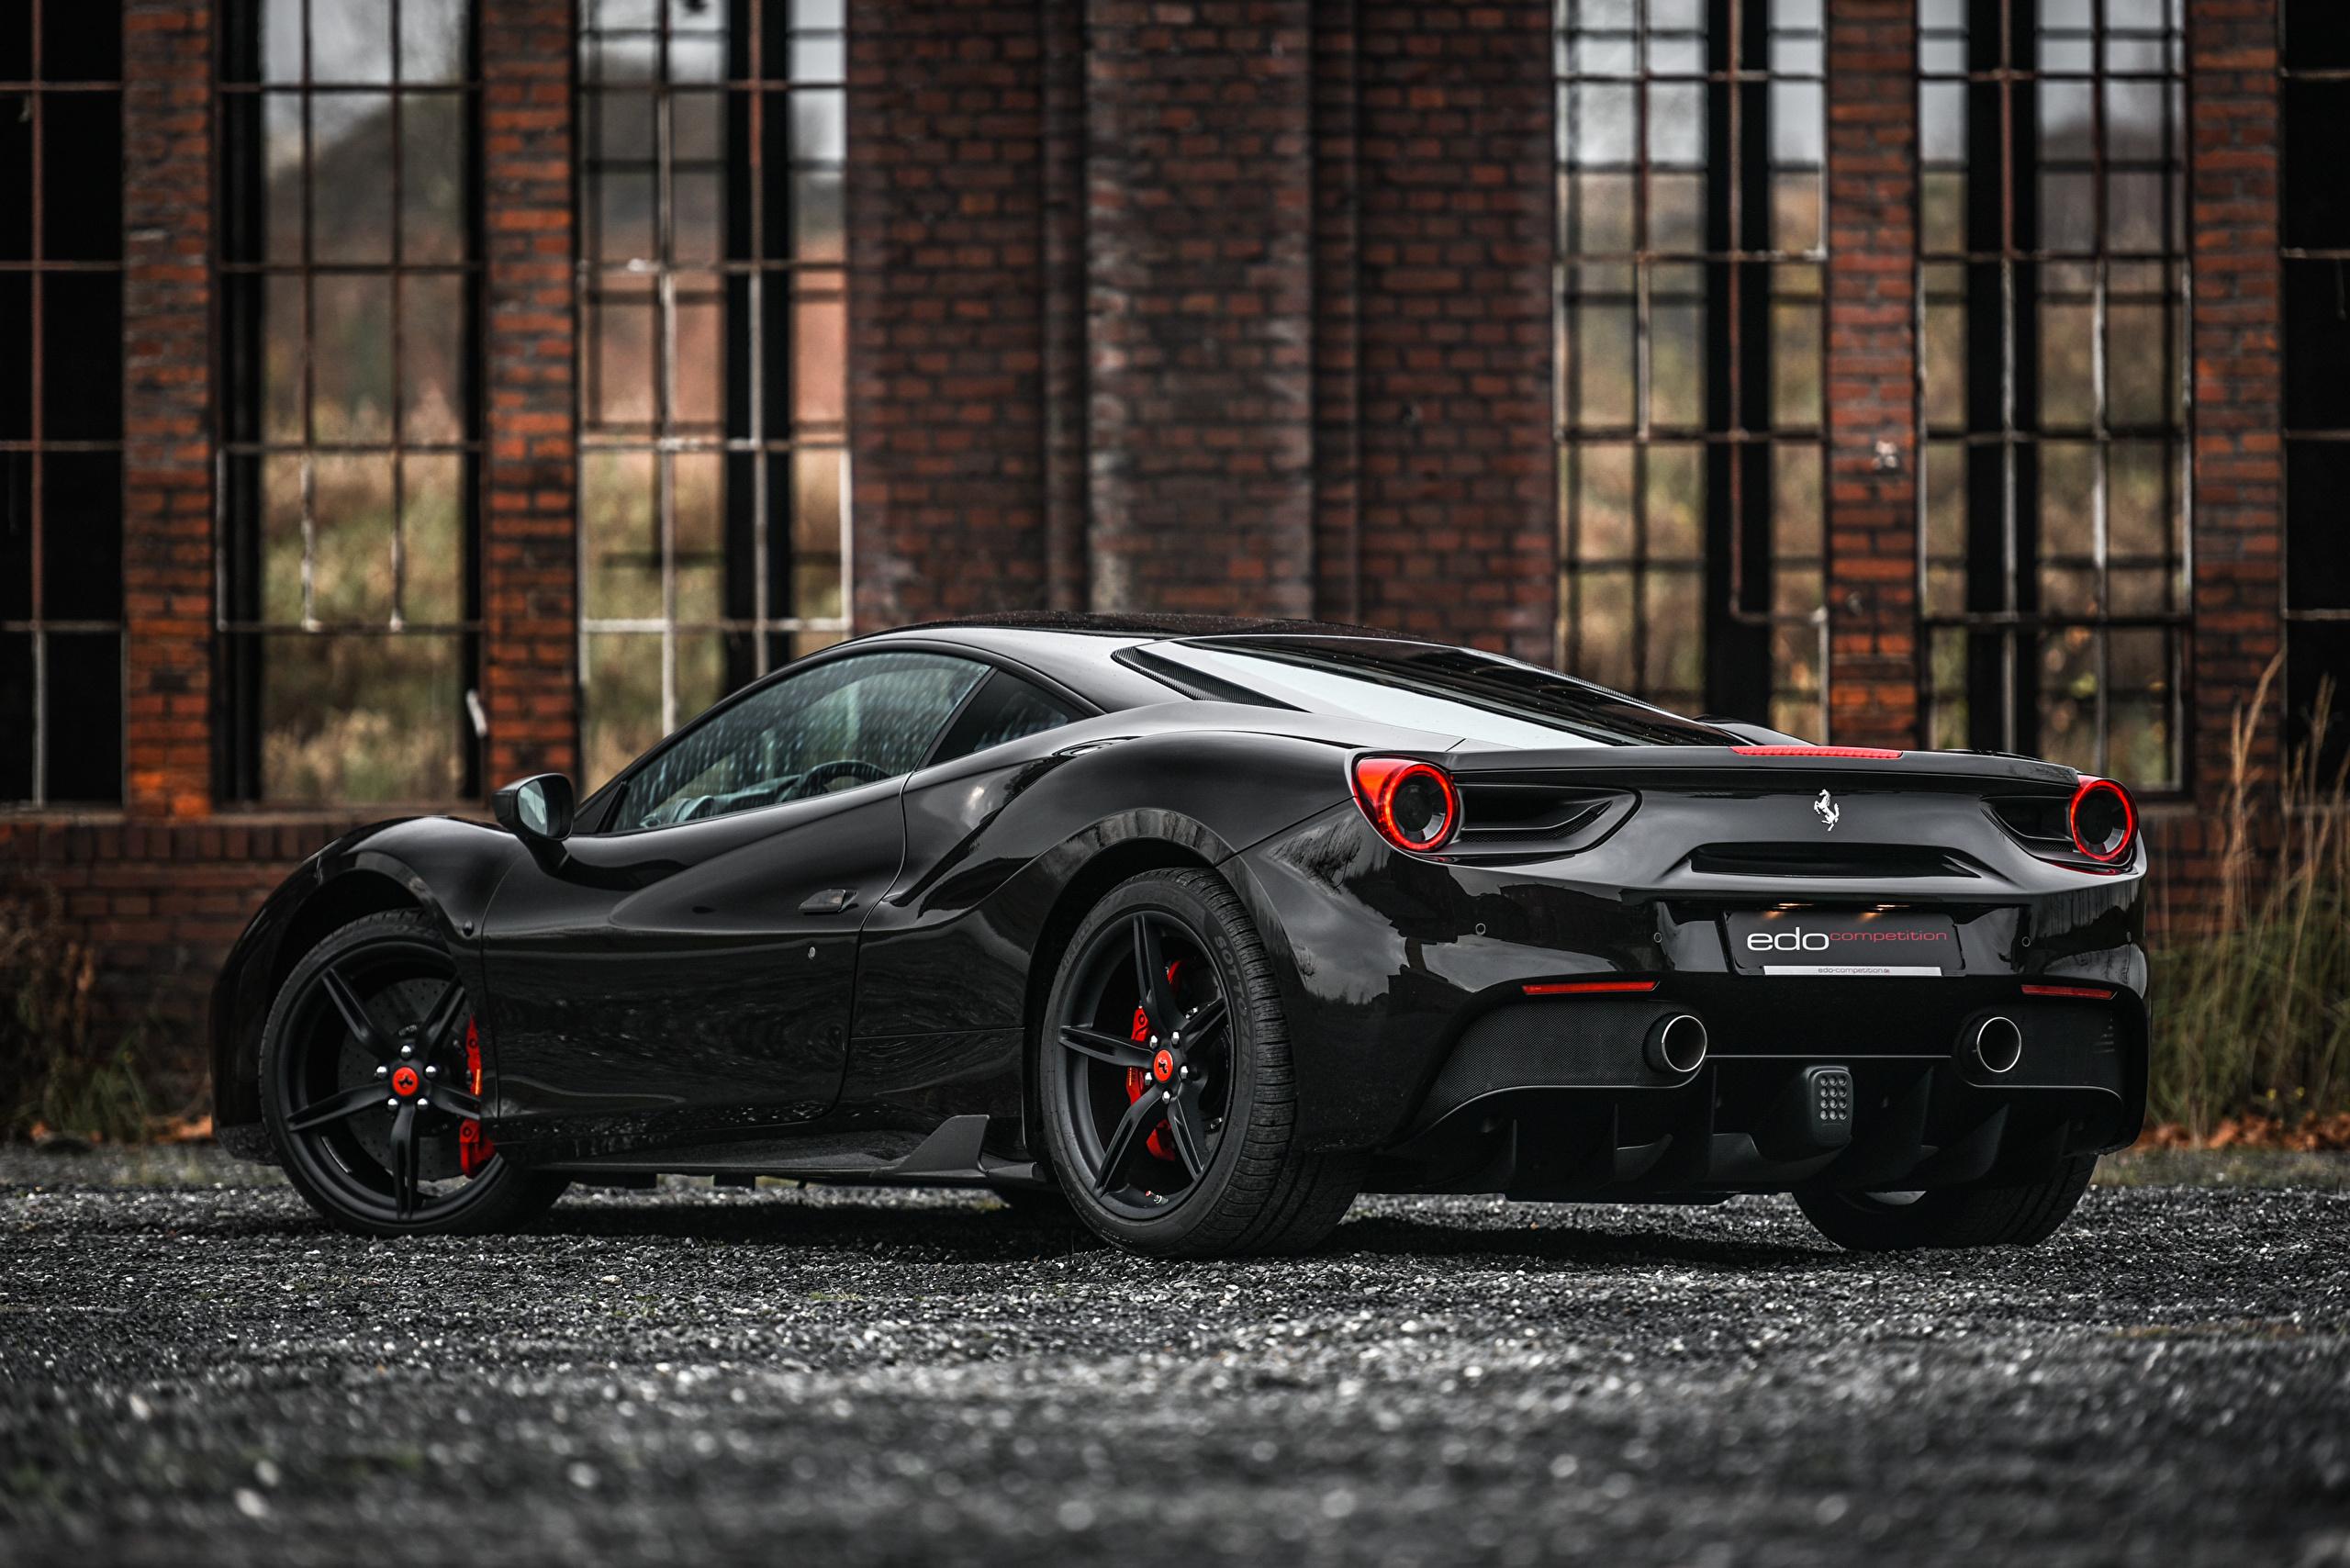 черный автомобиль ferrari gte hdr3 бесплатно